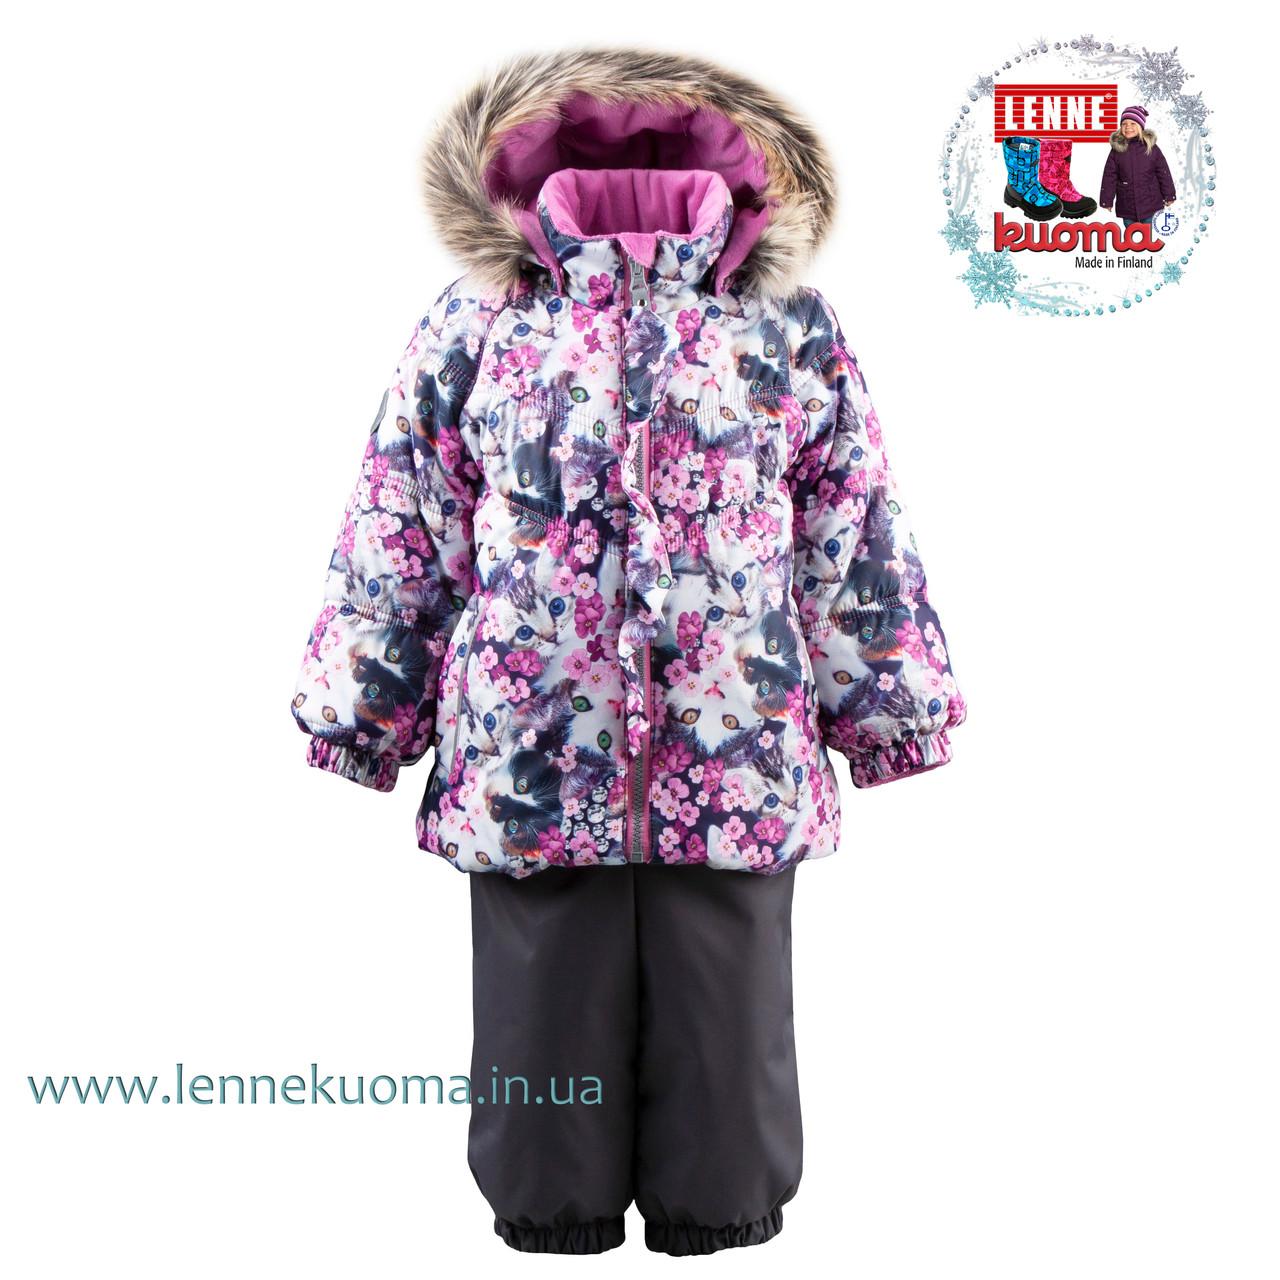 Зимний комплект для девочки LENNE MINNA 19313A-1755